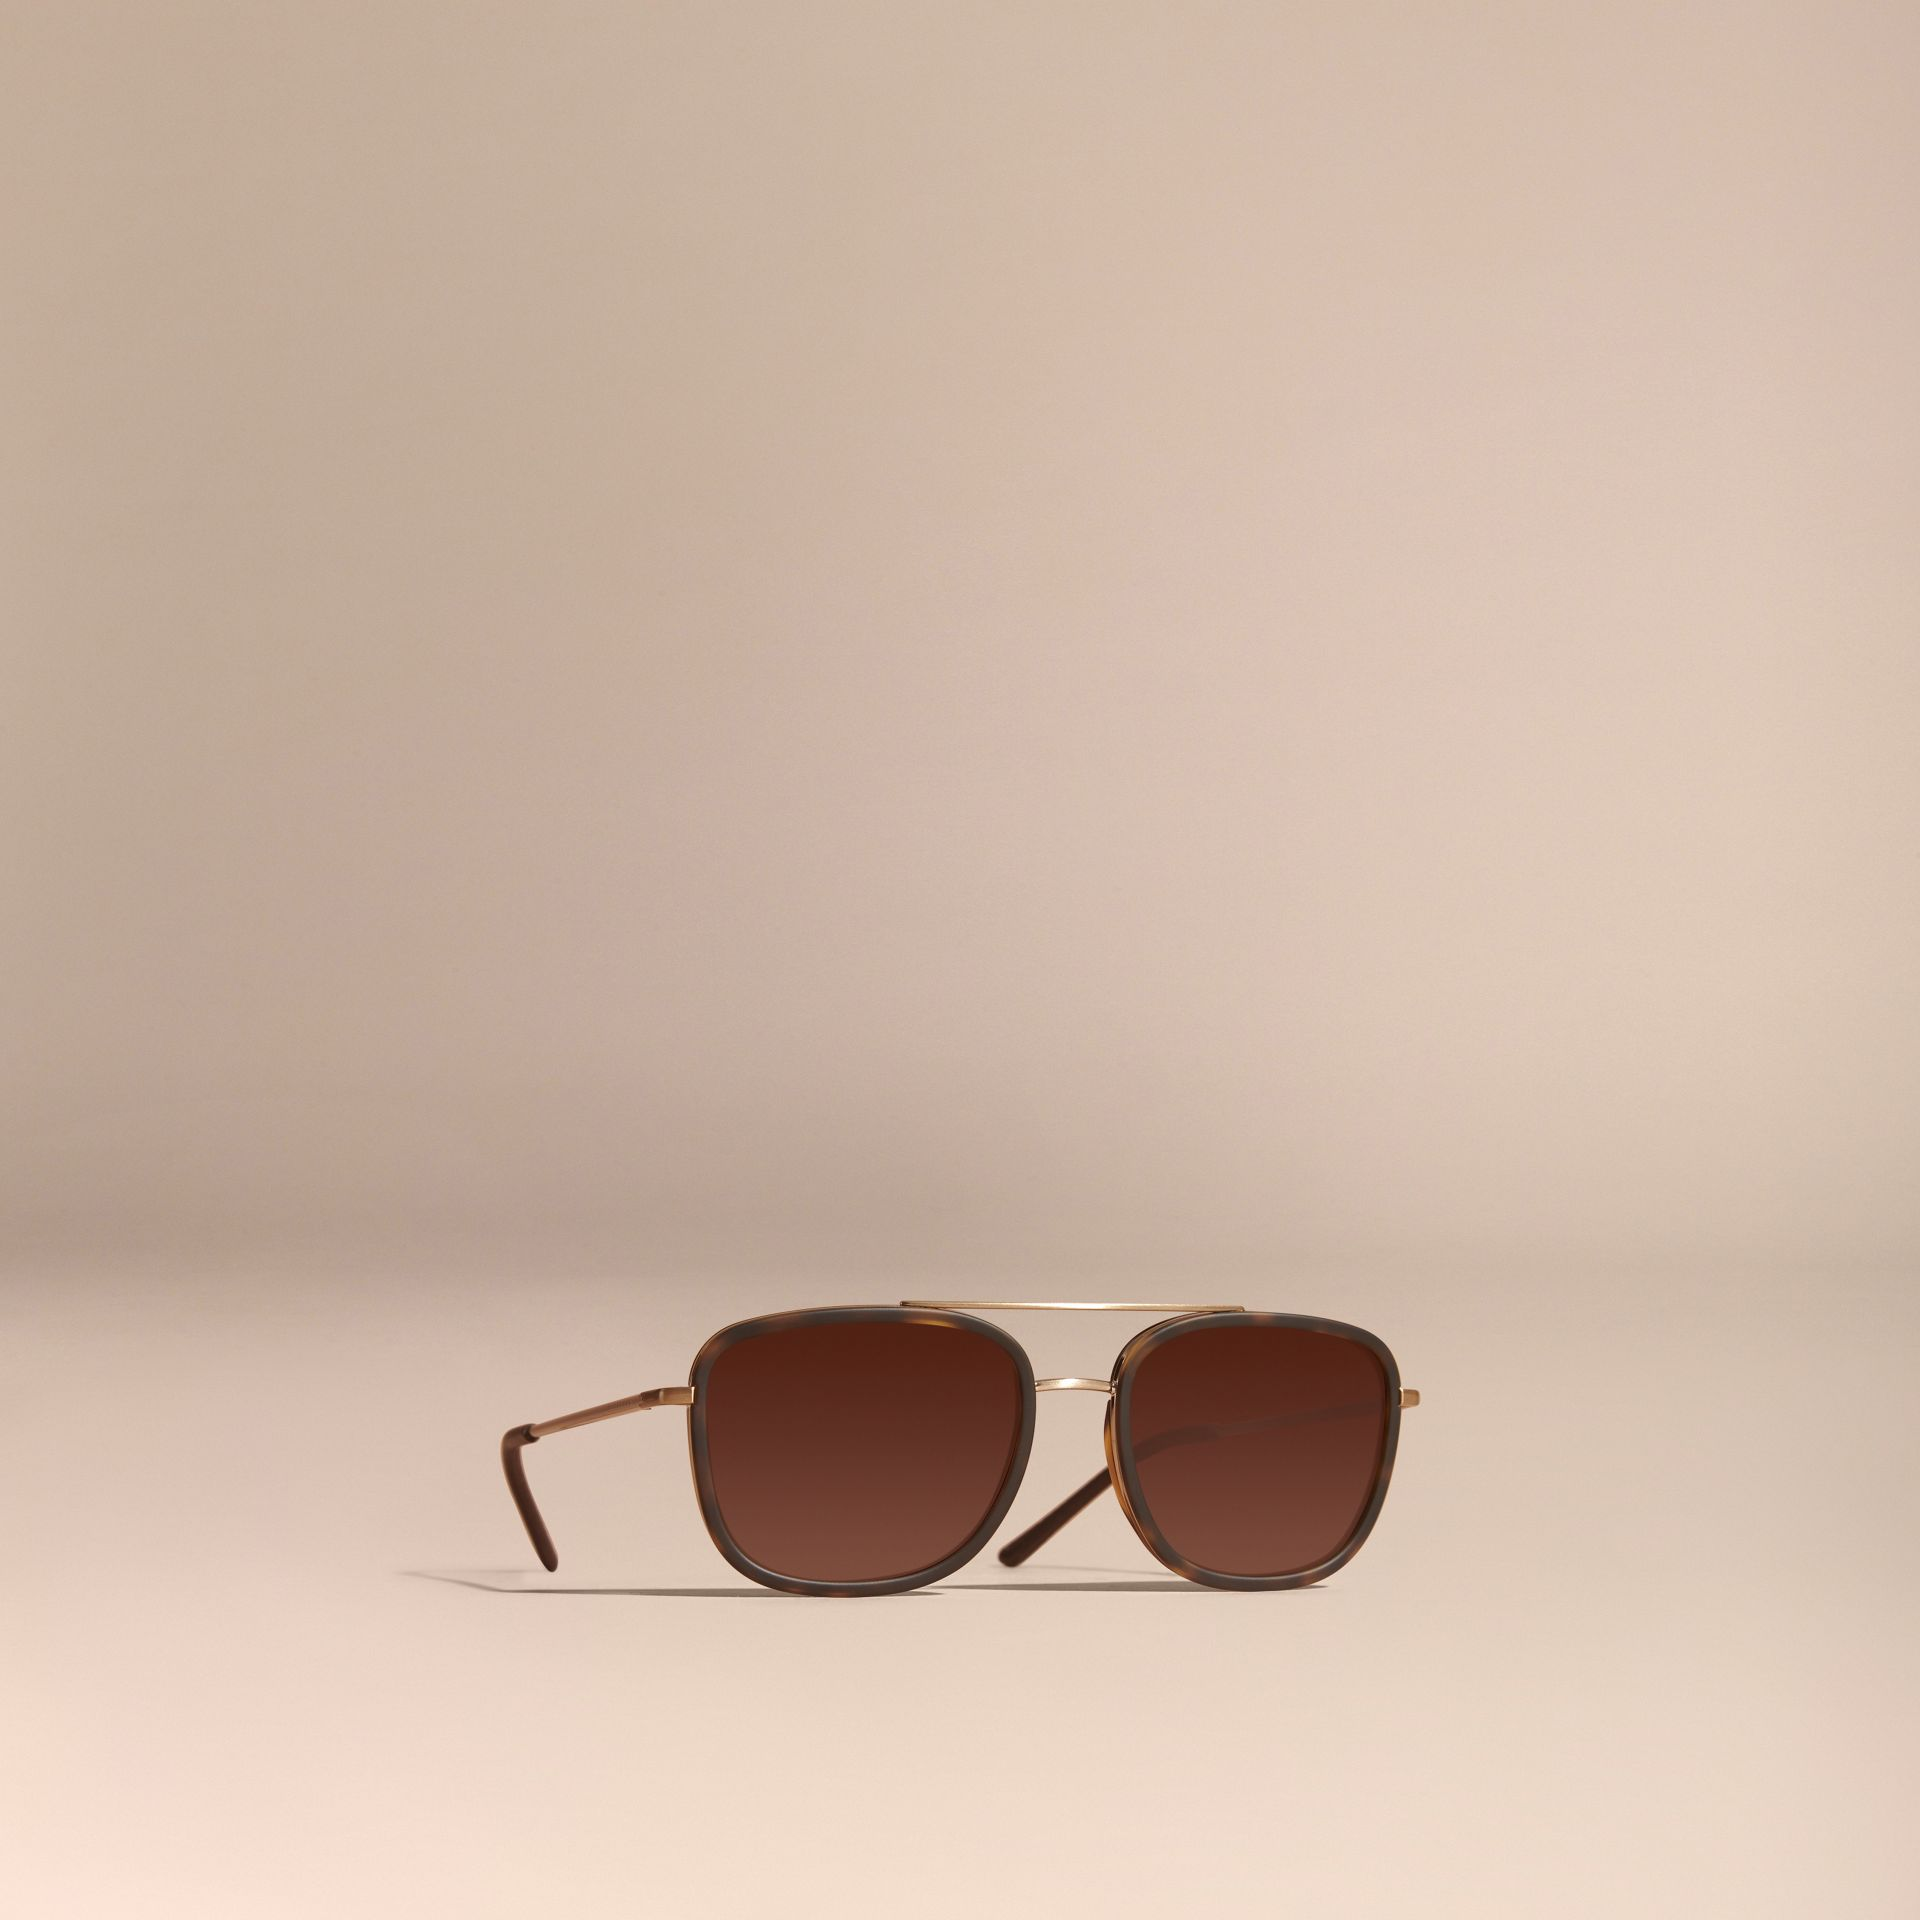 Casco de tartaruga Óculos de sol com armação quadrada de acetato e detalhe em couro Casco  Tartaruga - galeria de imagens 1